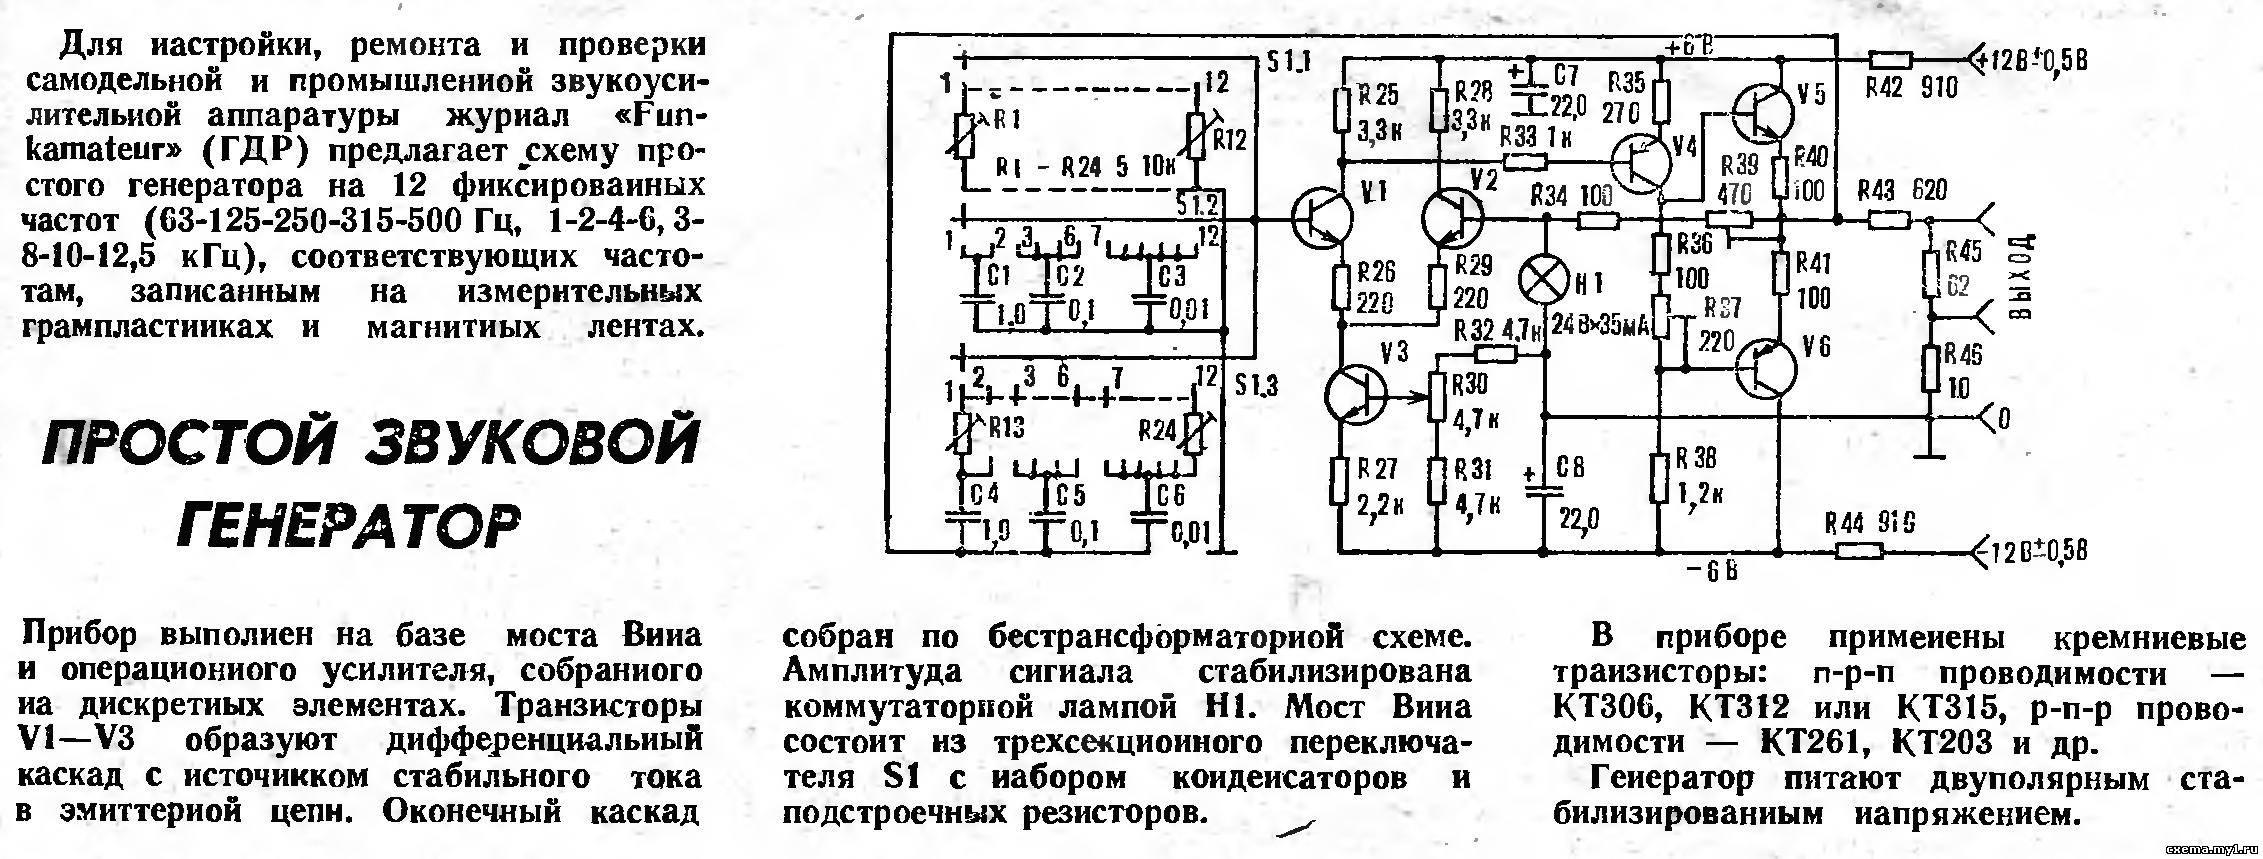 Схема самодельного генератора сигналов